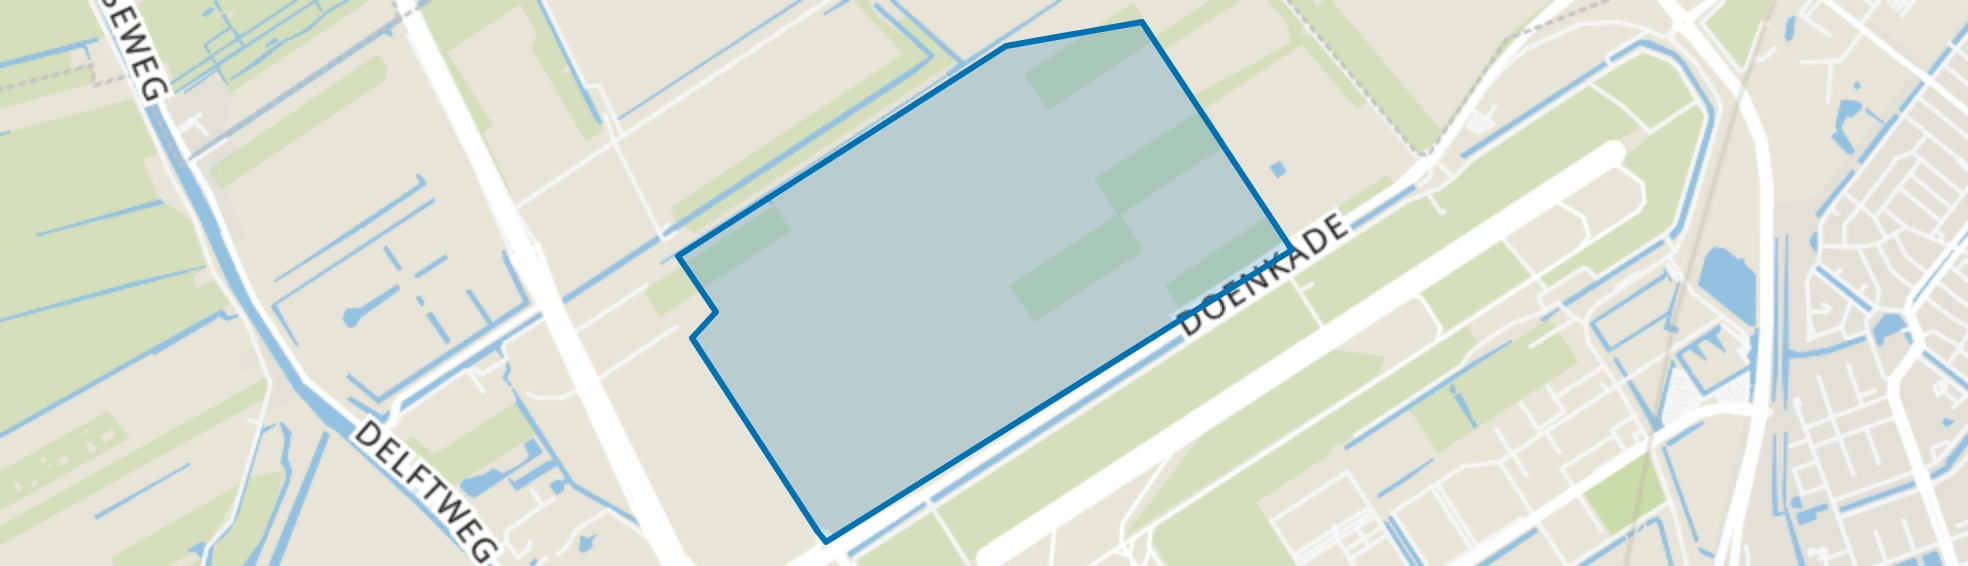 Bedrijventerrein Schieveen, Rotterdam map